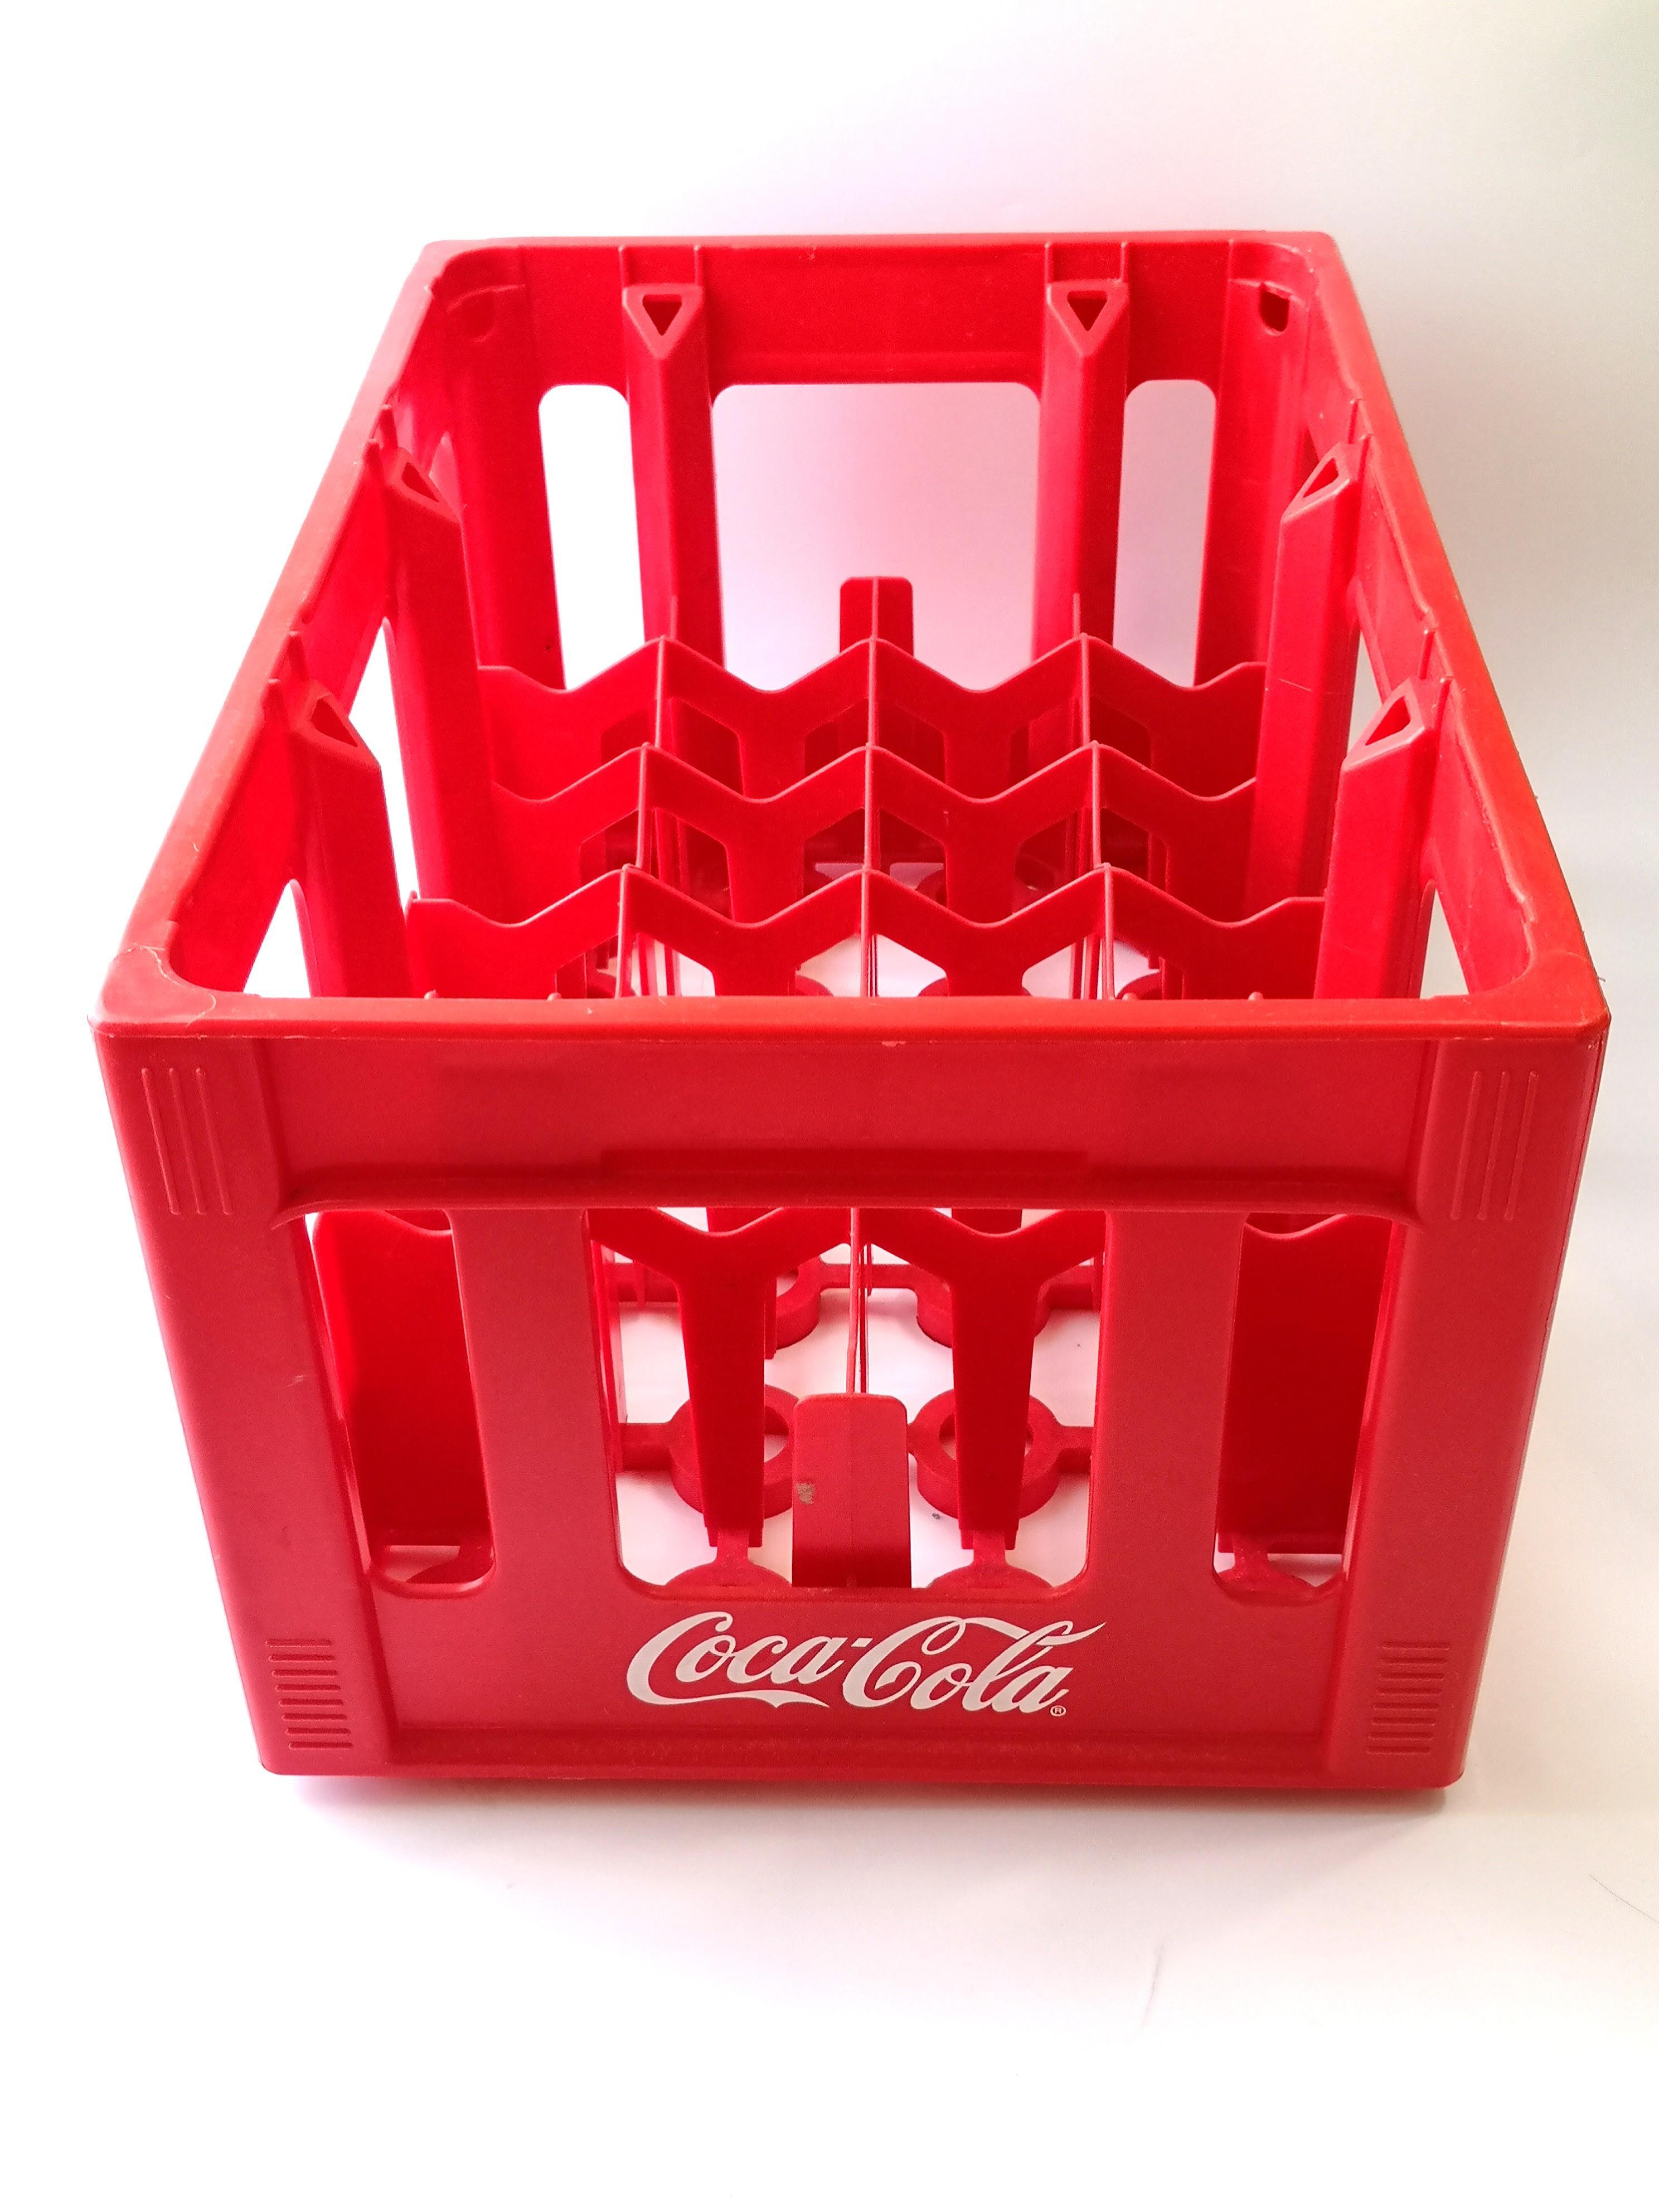 3 x Coca-cola Coke Plastic Crate